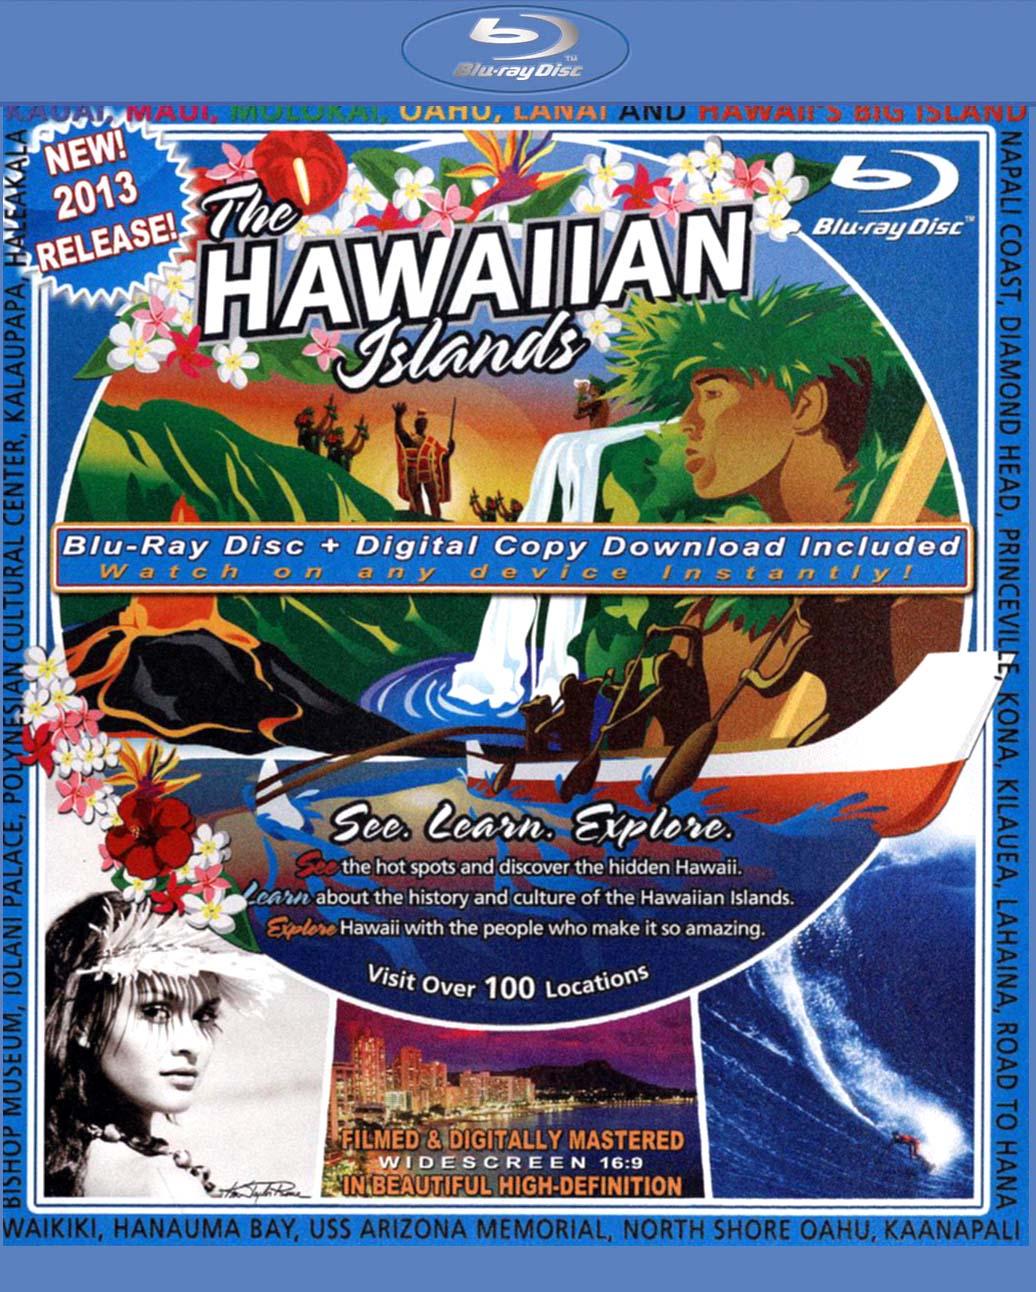 The Video Postcard of the Hawaiian Islands